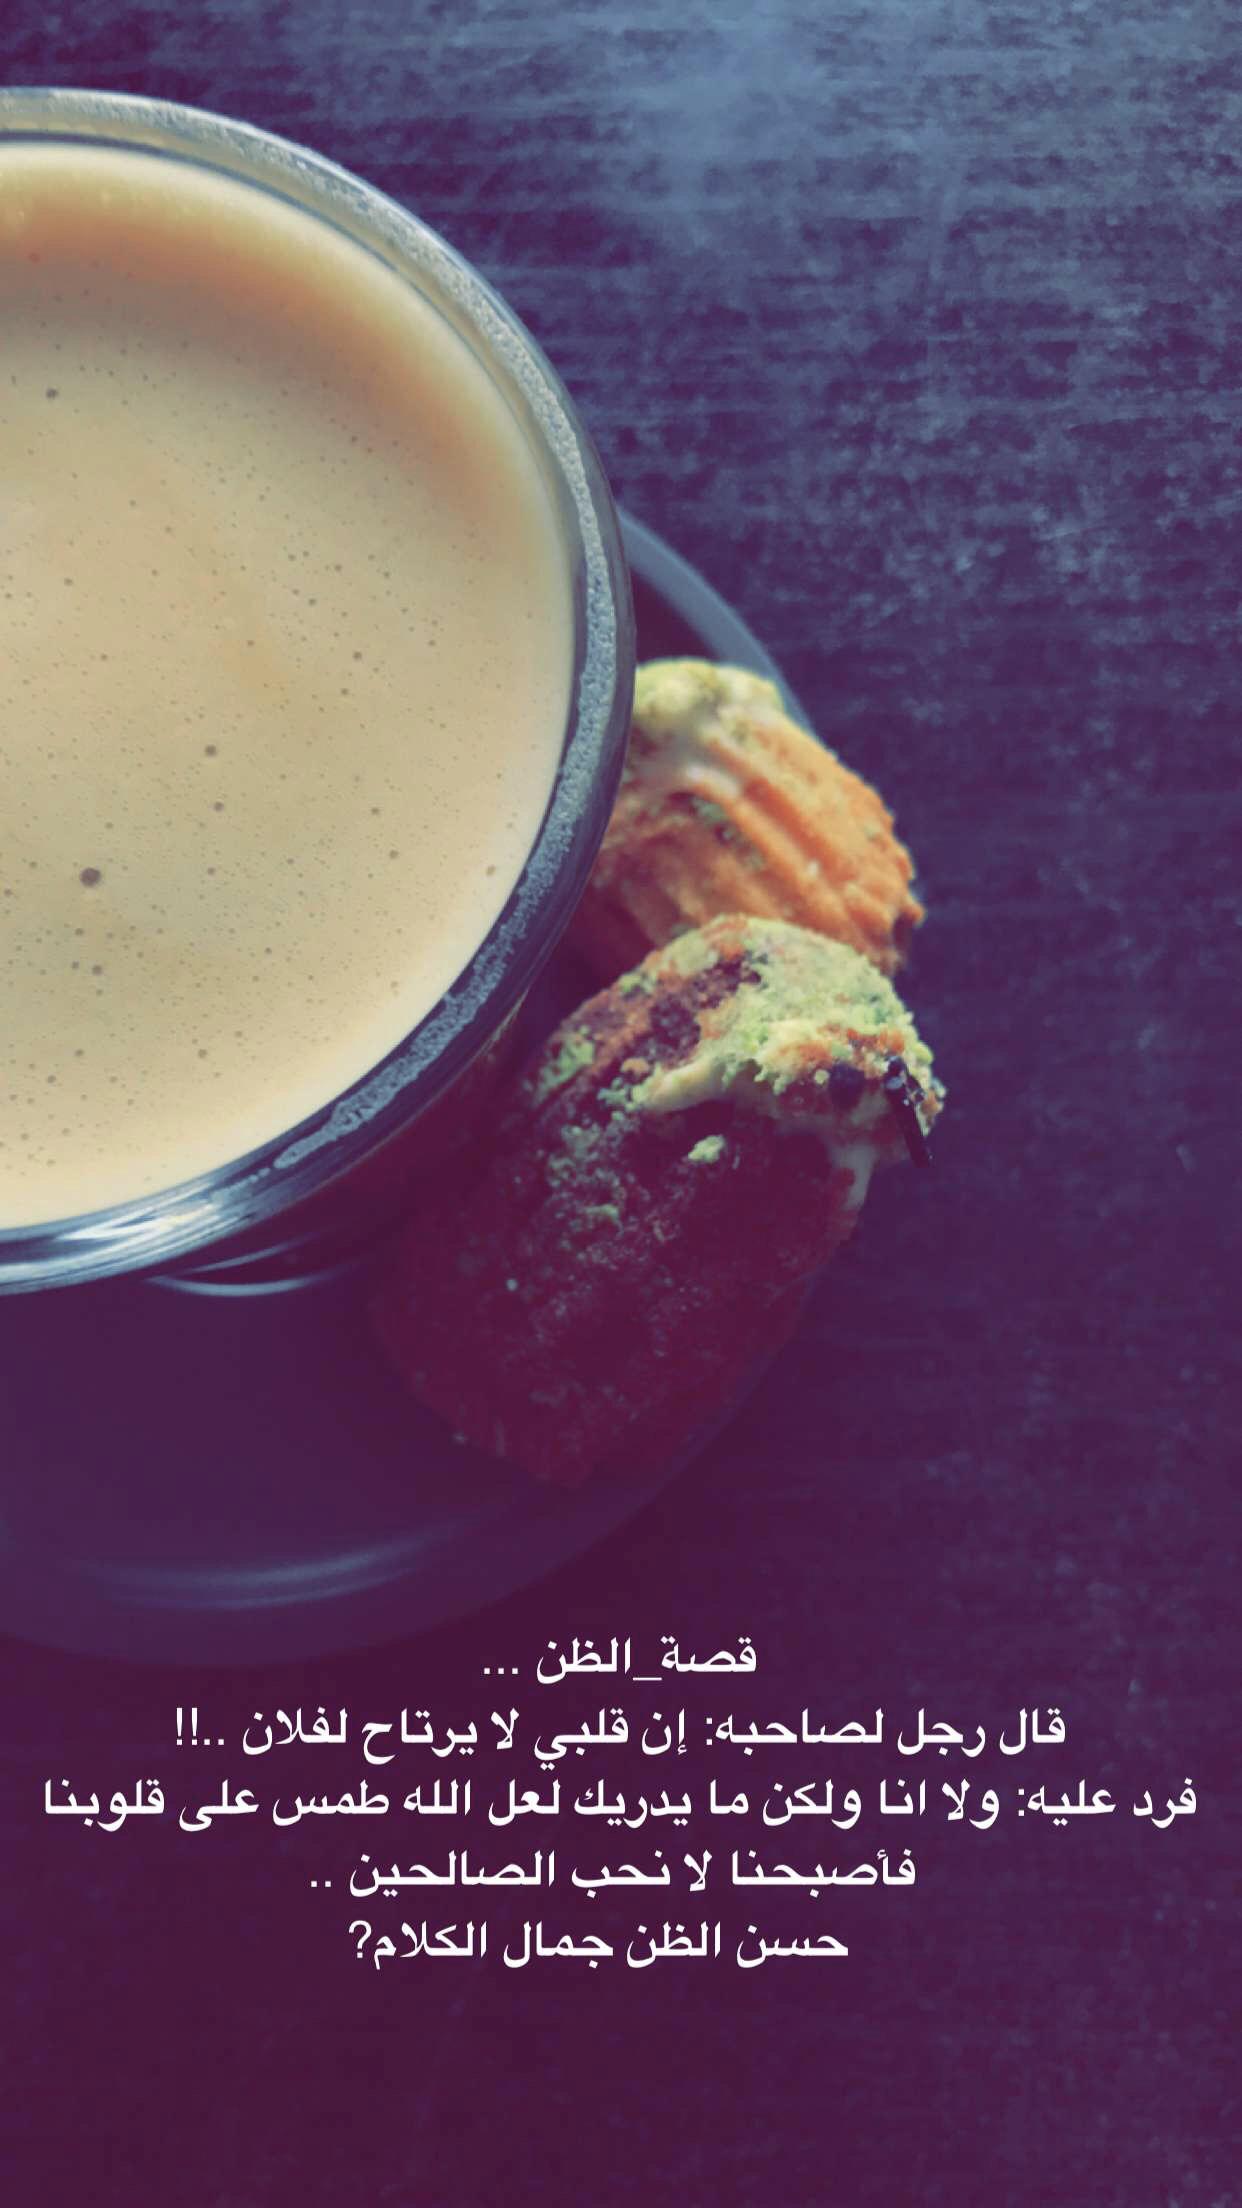 Arabic Quotes Arabic Love Quotes Photo Quotes